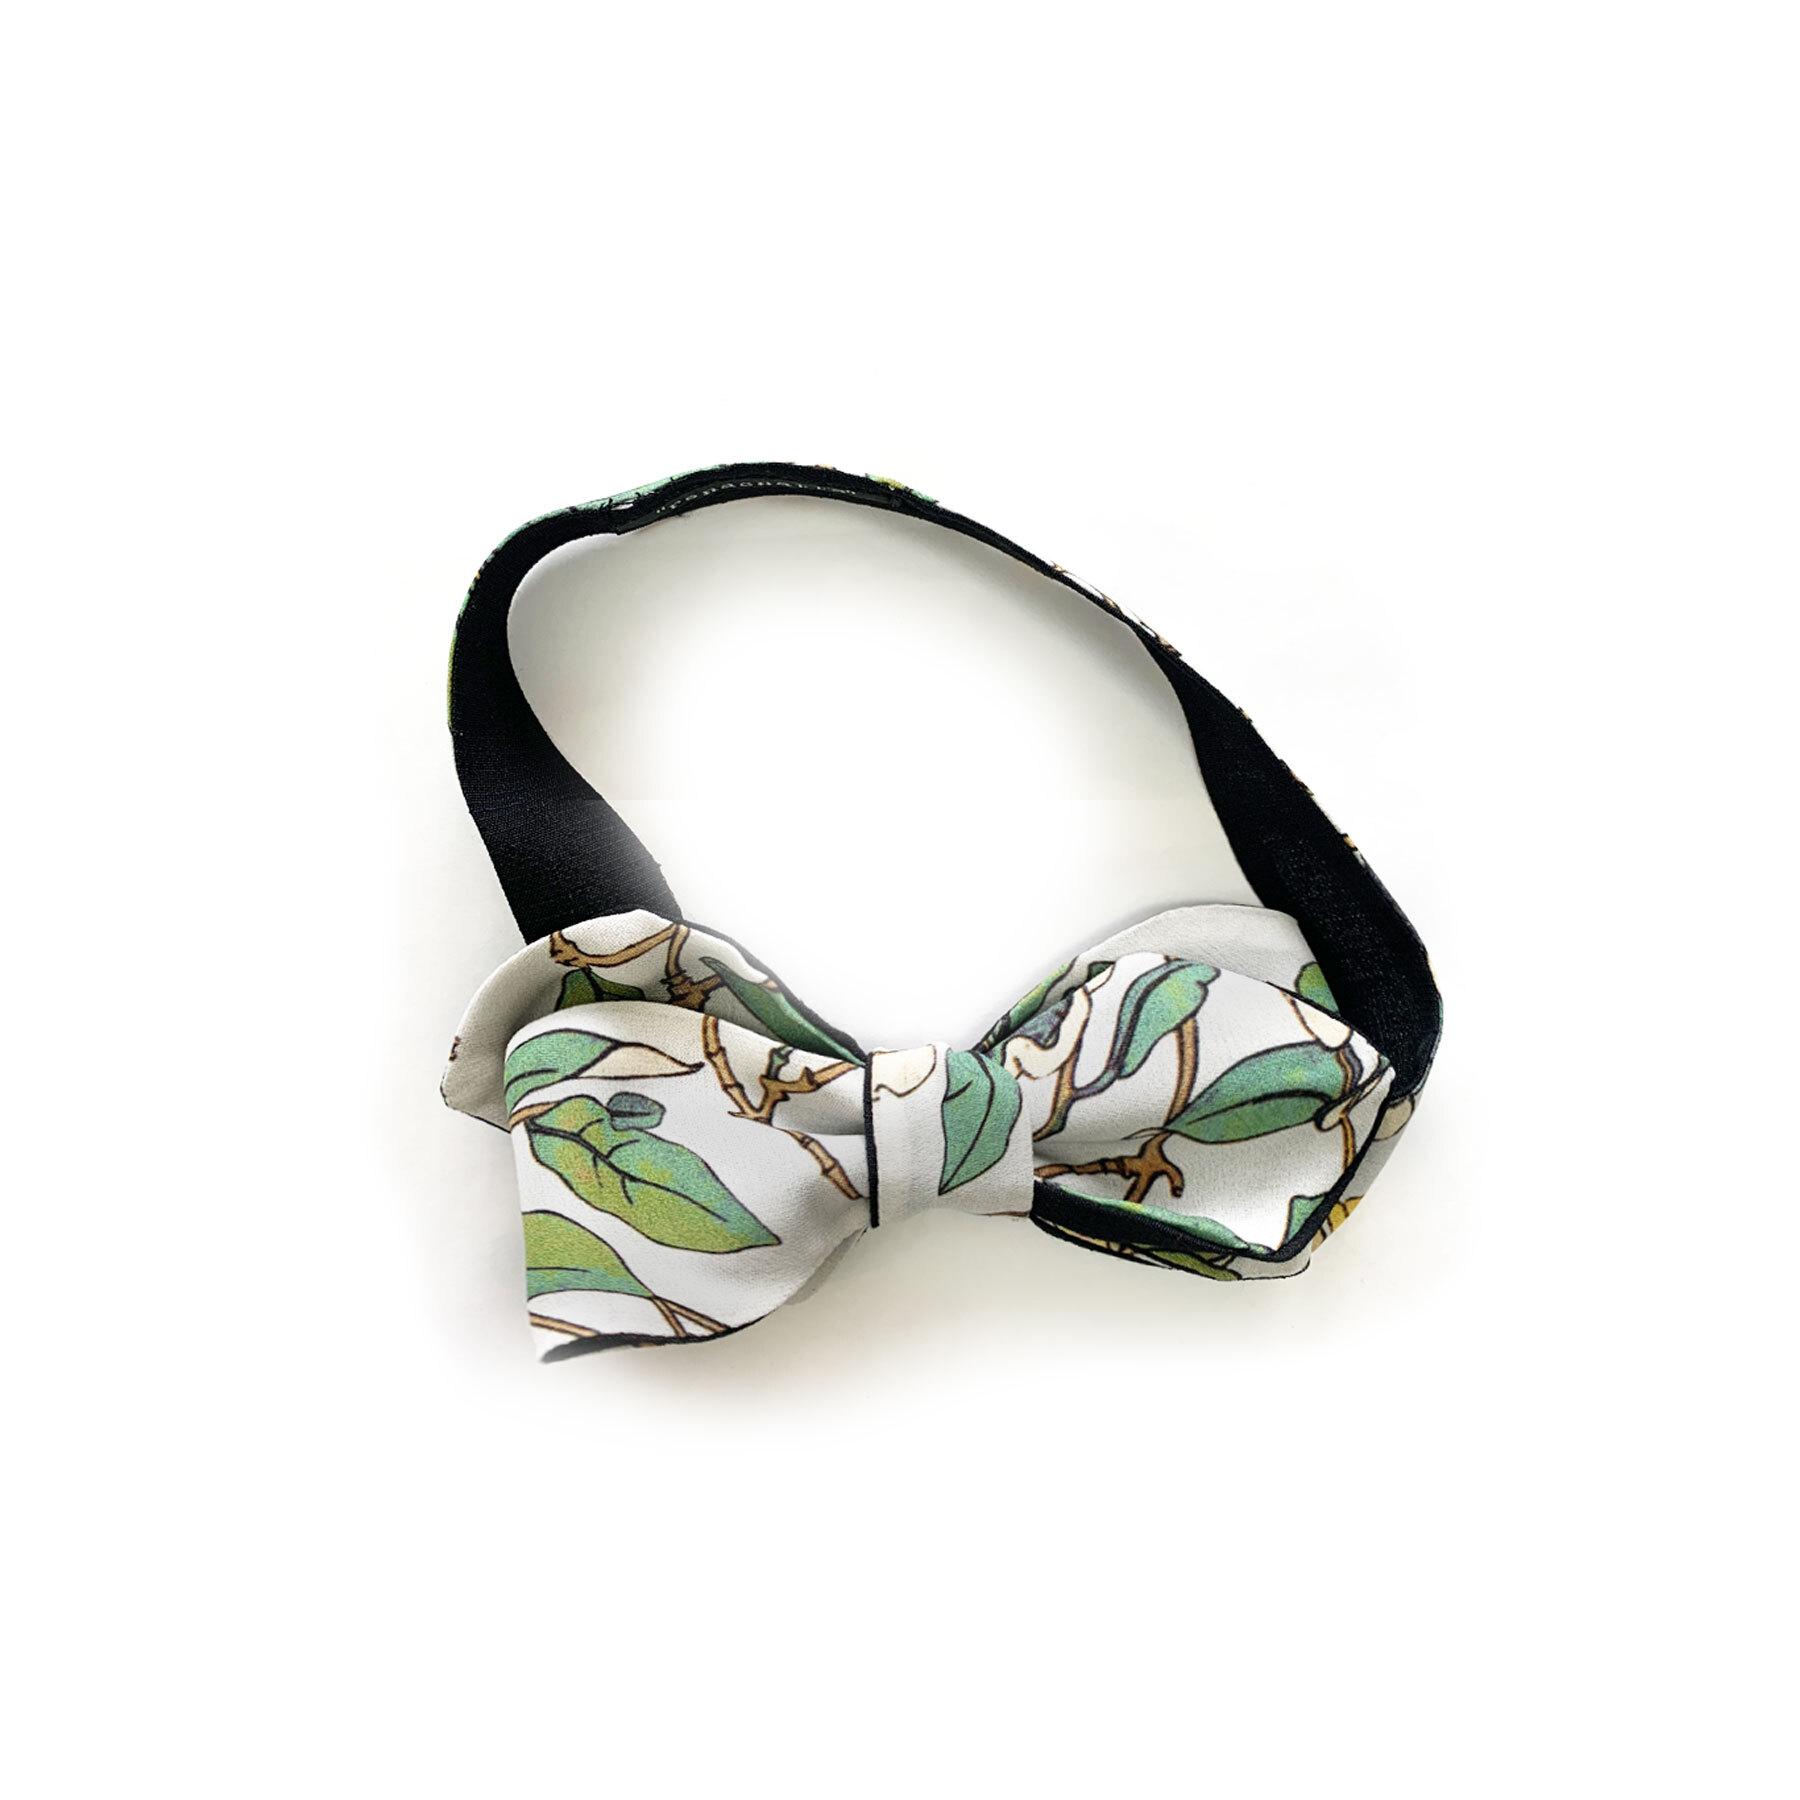 Spring - Bow Tie & Chief